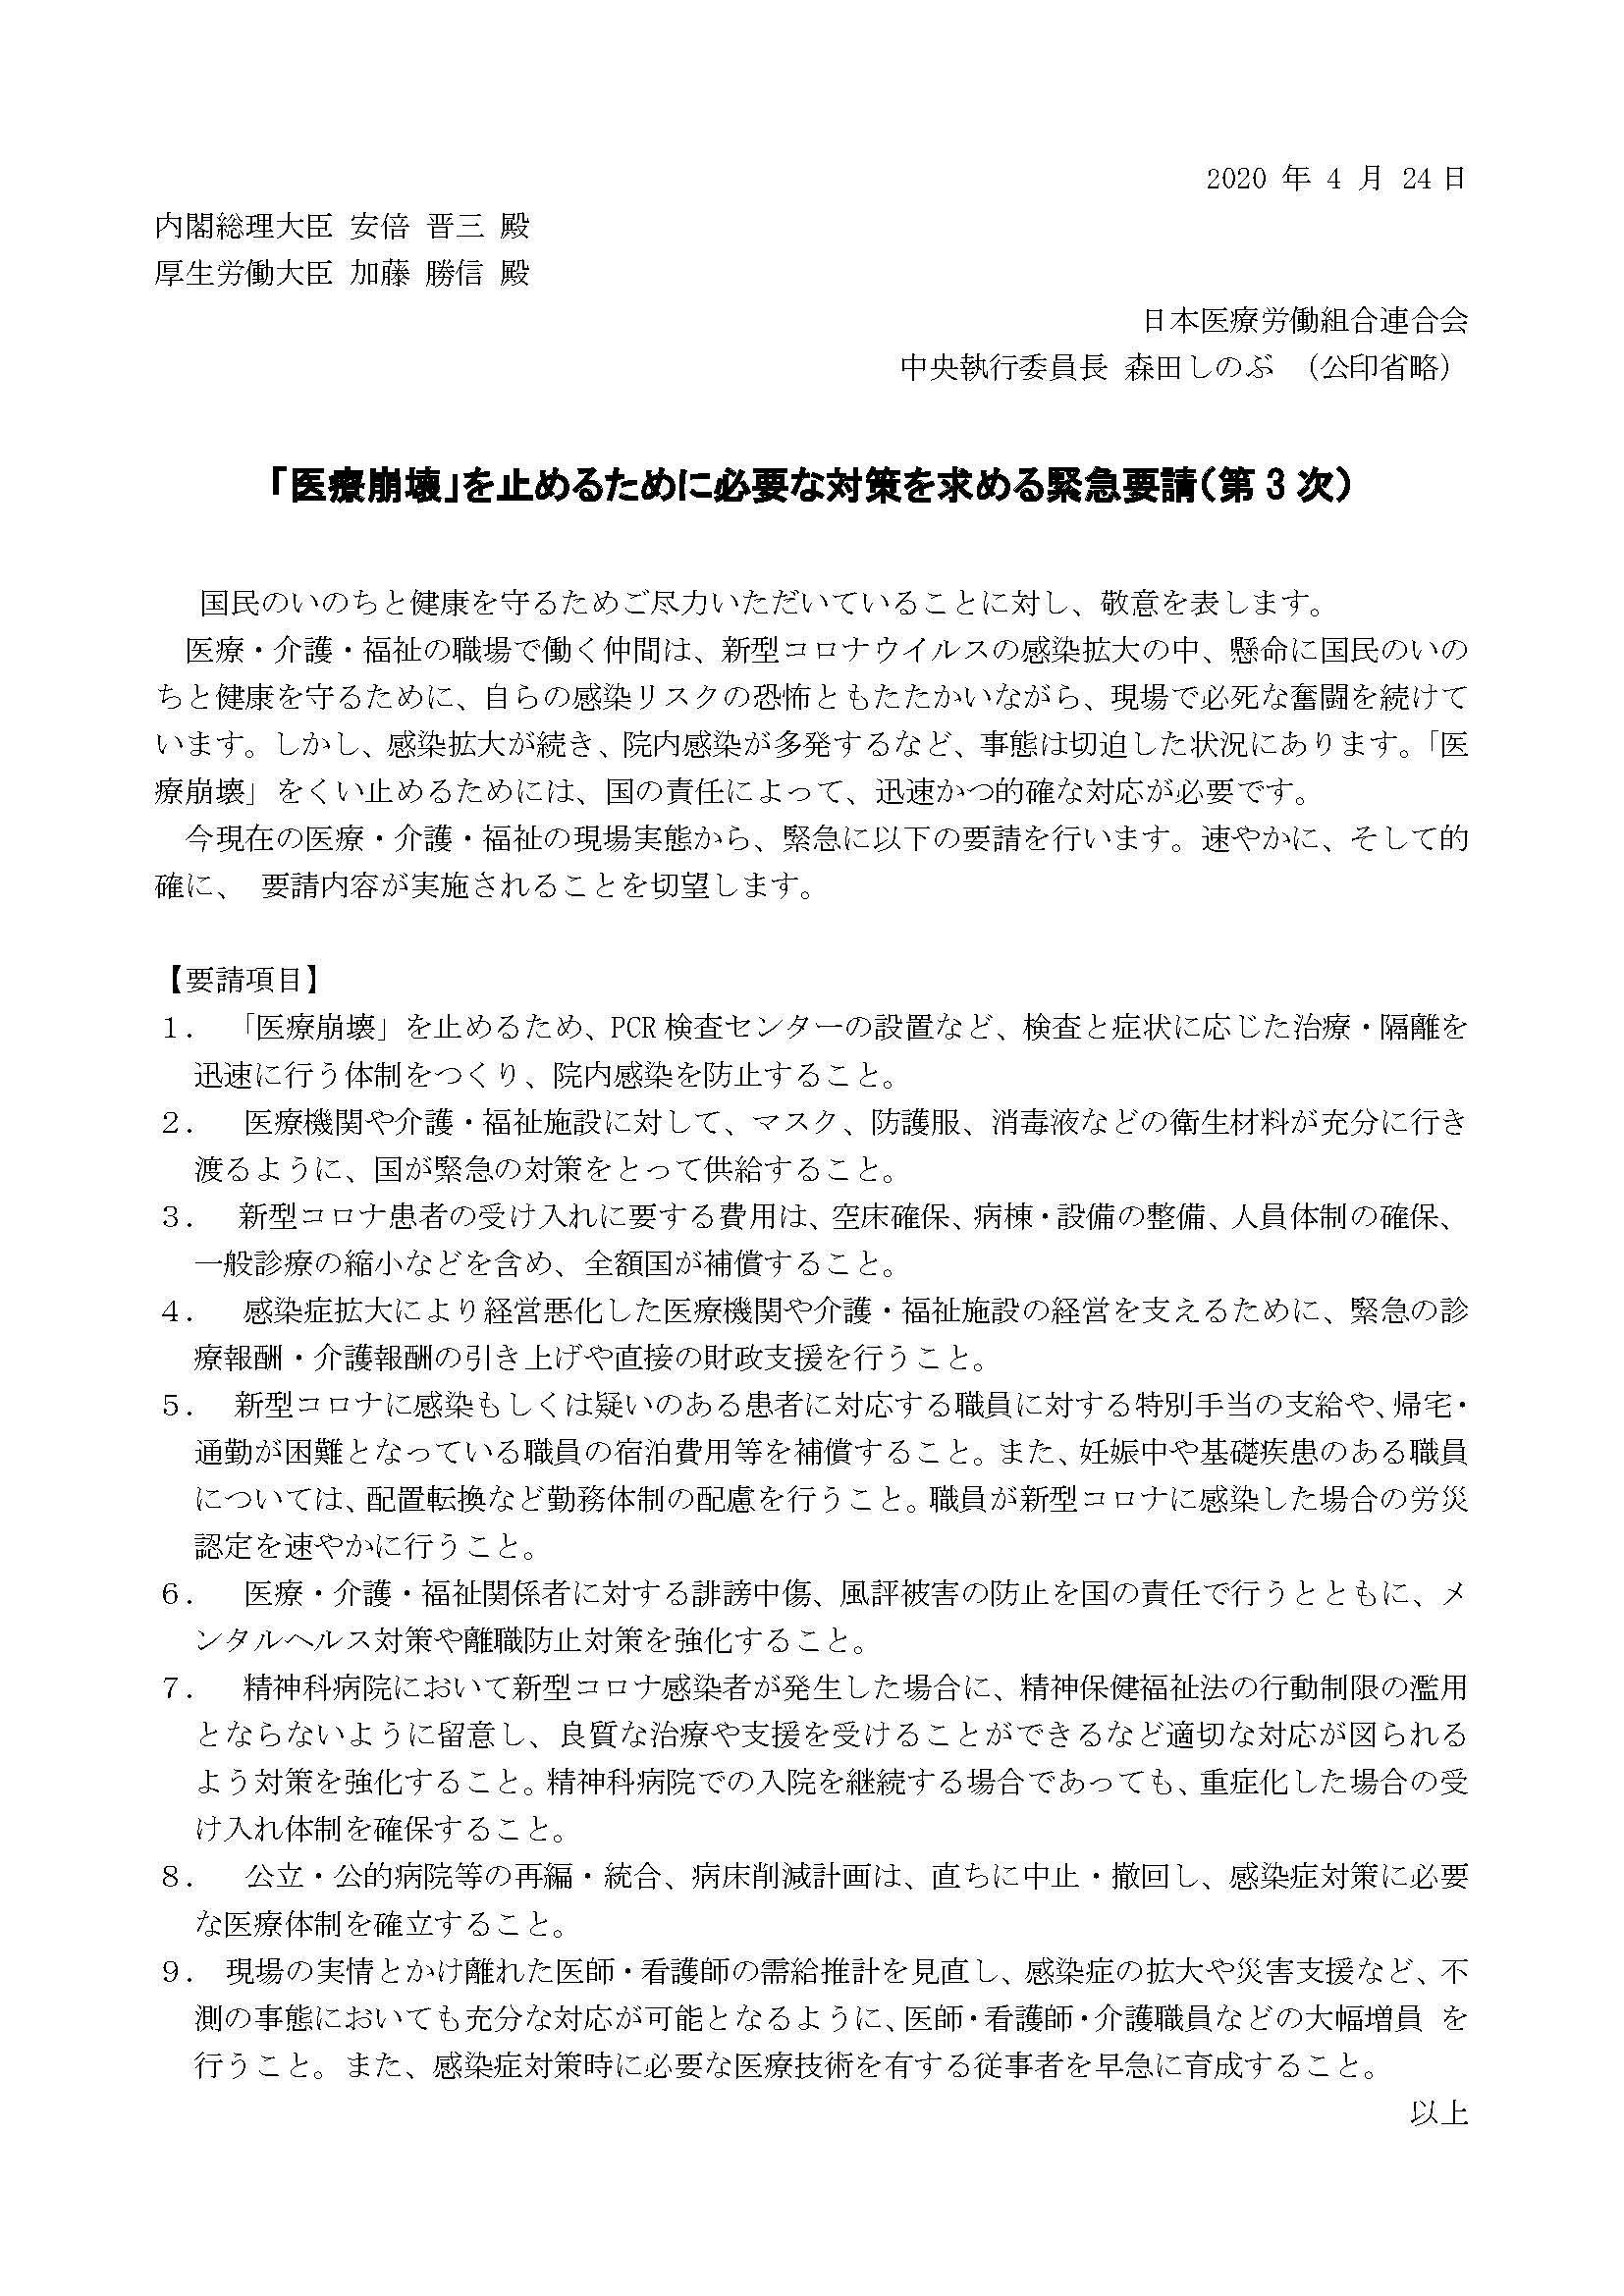 http://irouren.or.jp/news/83a6195e34265327f515758408203b2cdb9182f4.jpg